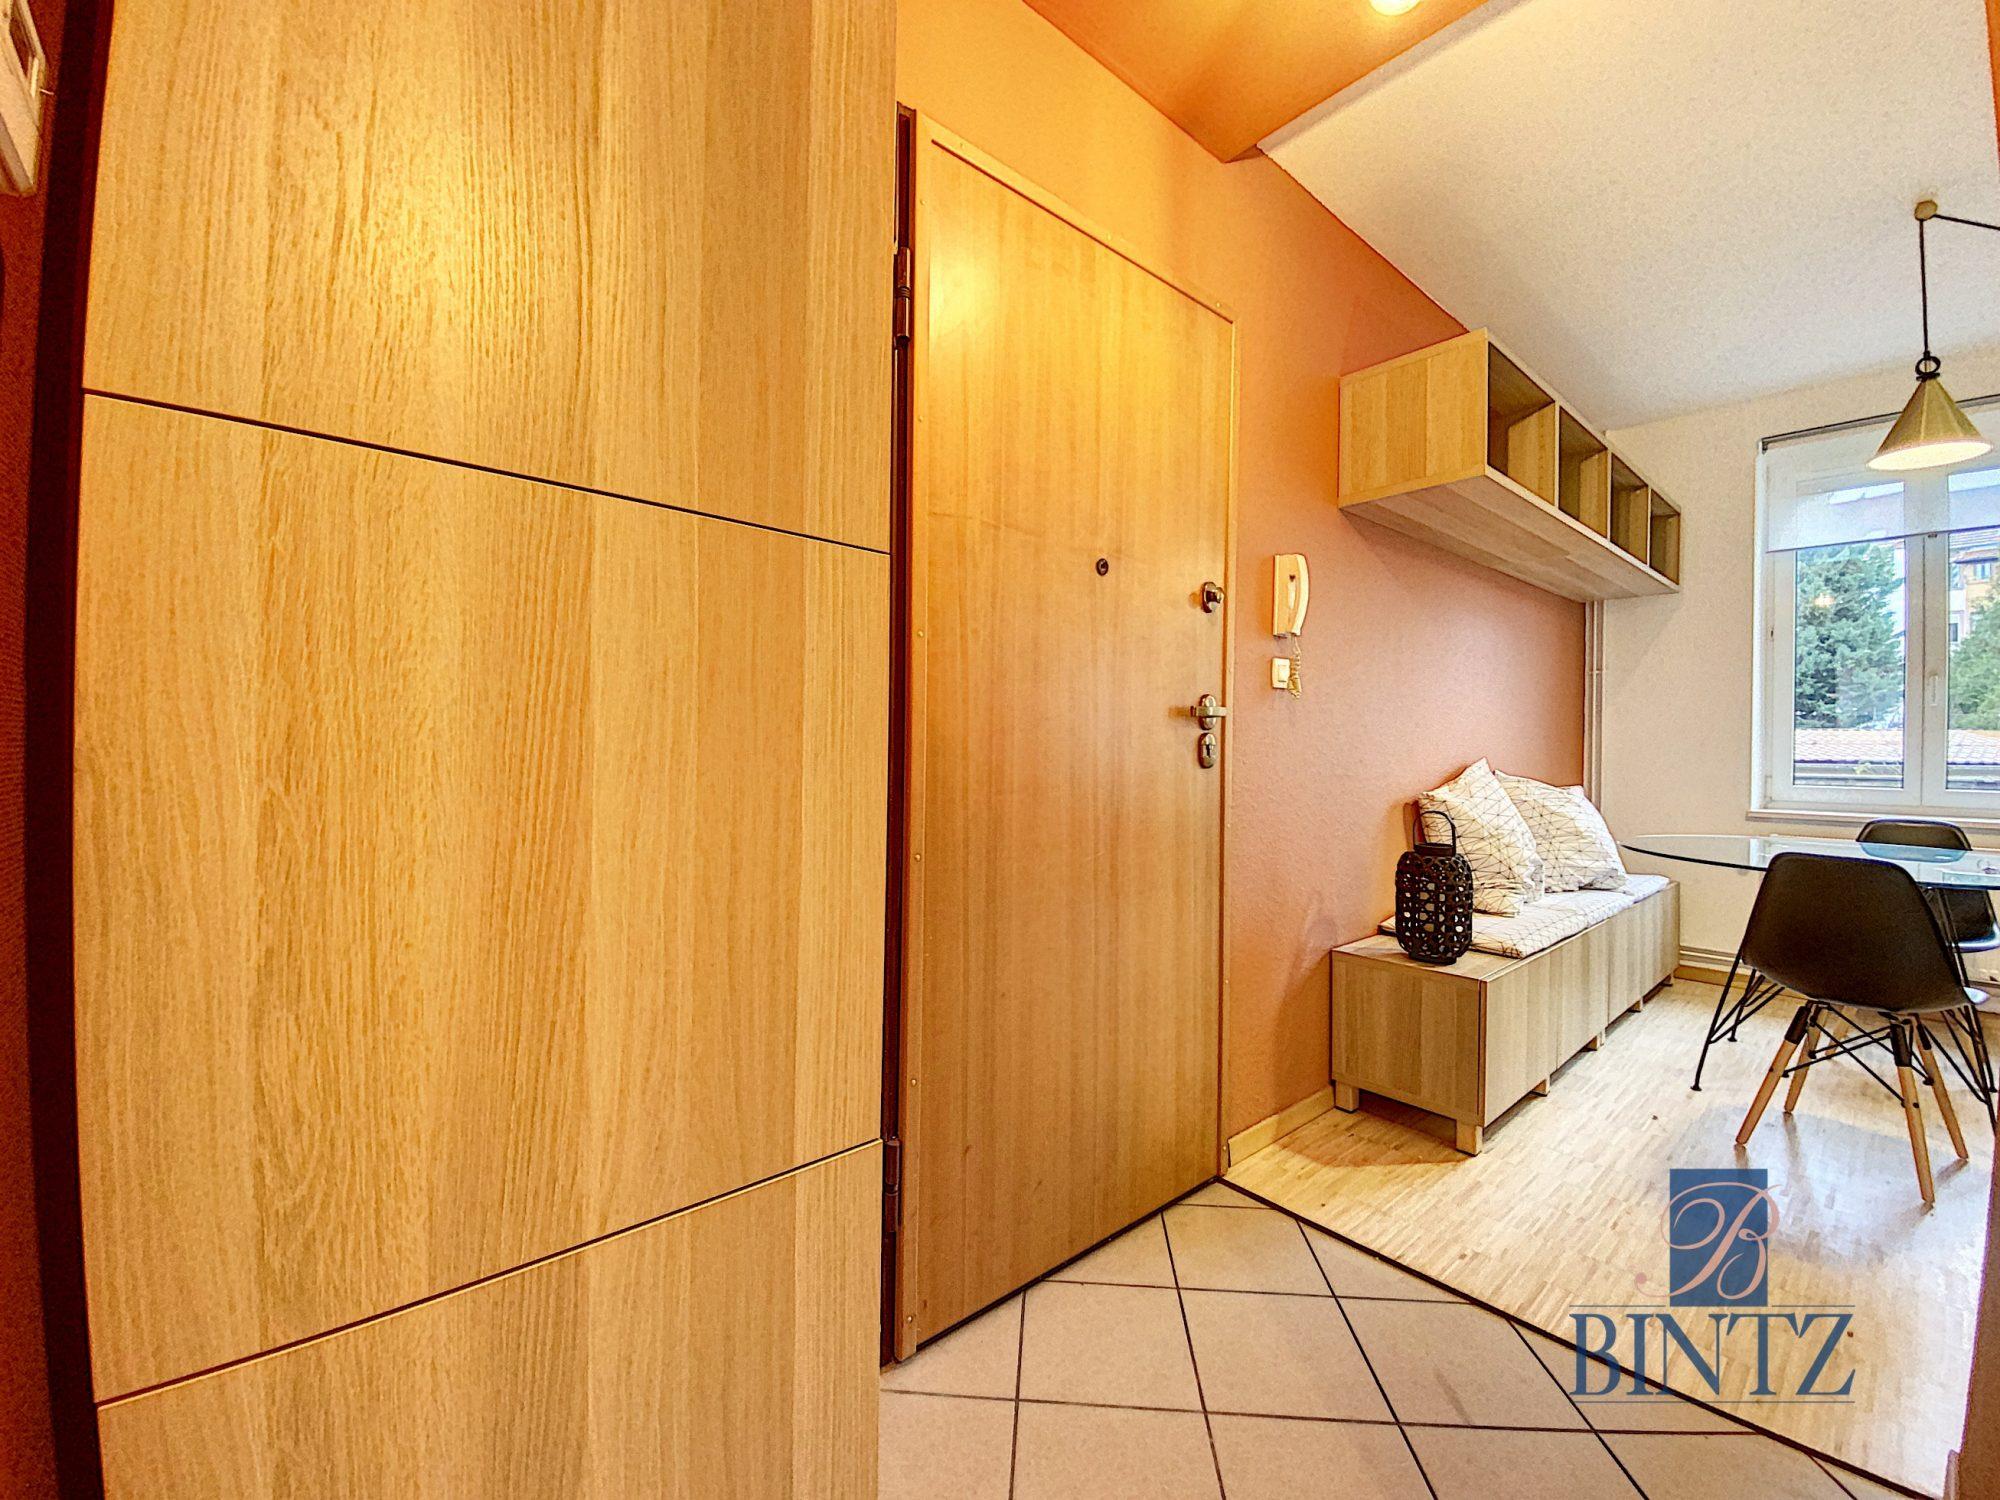 2P MEUBLÉ NEUDORF - Devenez locataire en toute sérénité - Bintz Immobilier - 12